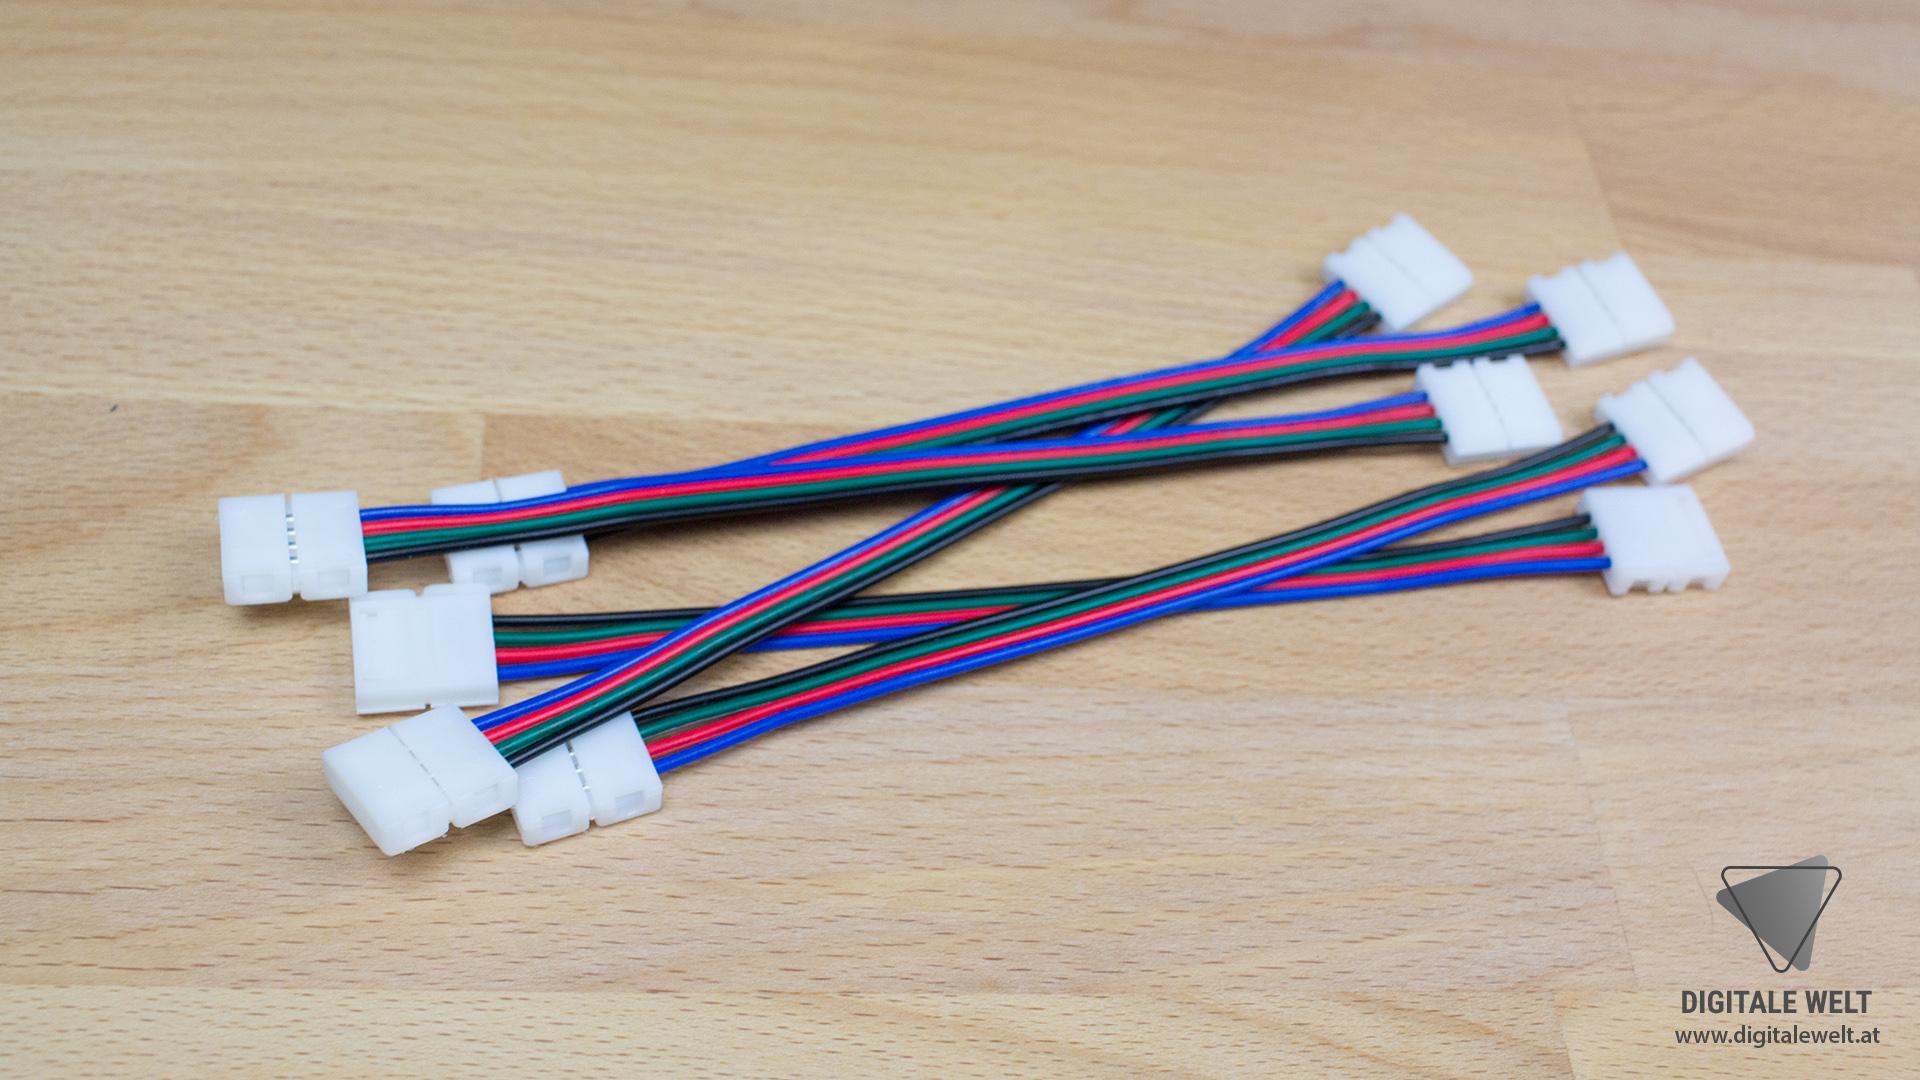 Ambilight ohne Löten - 4-polige Verbindungskabel 10mm (DigitaleWelt)